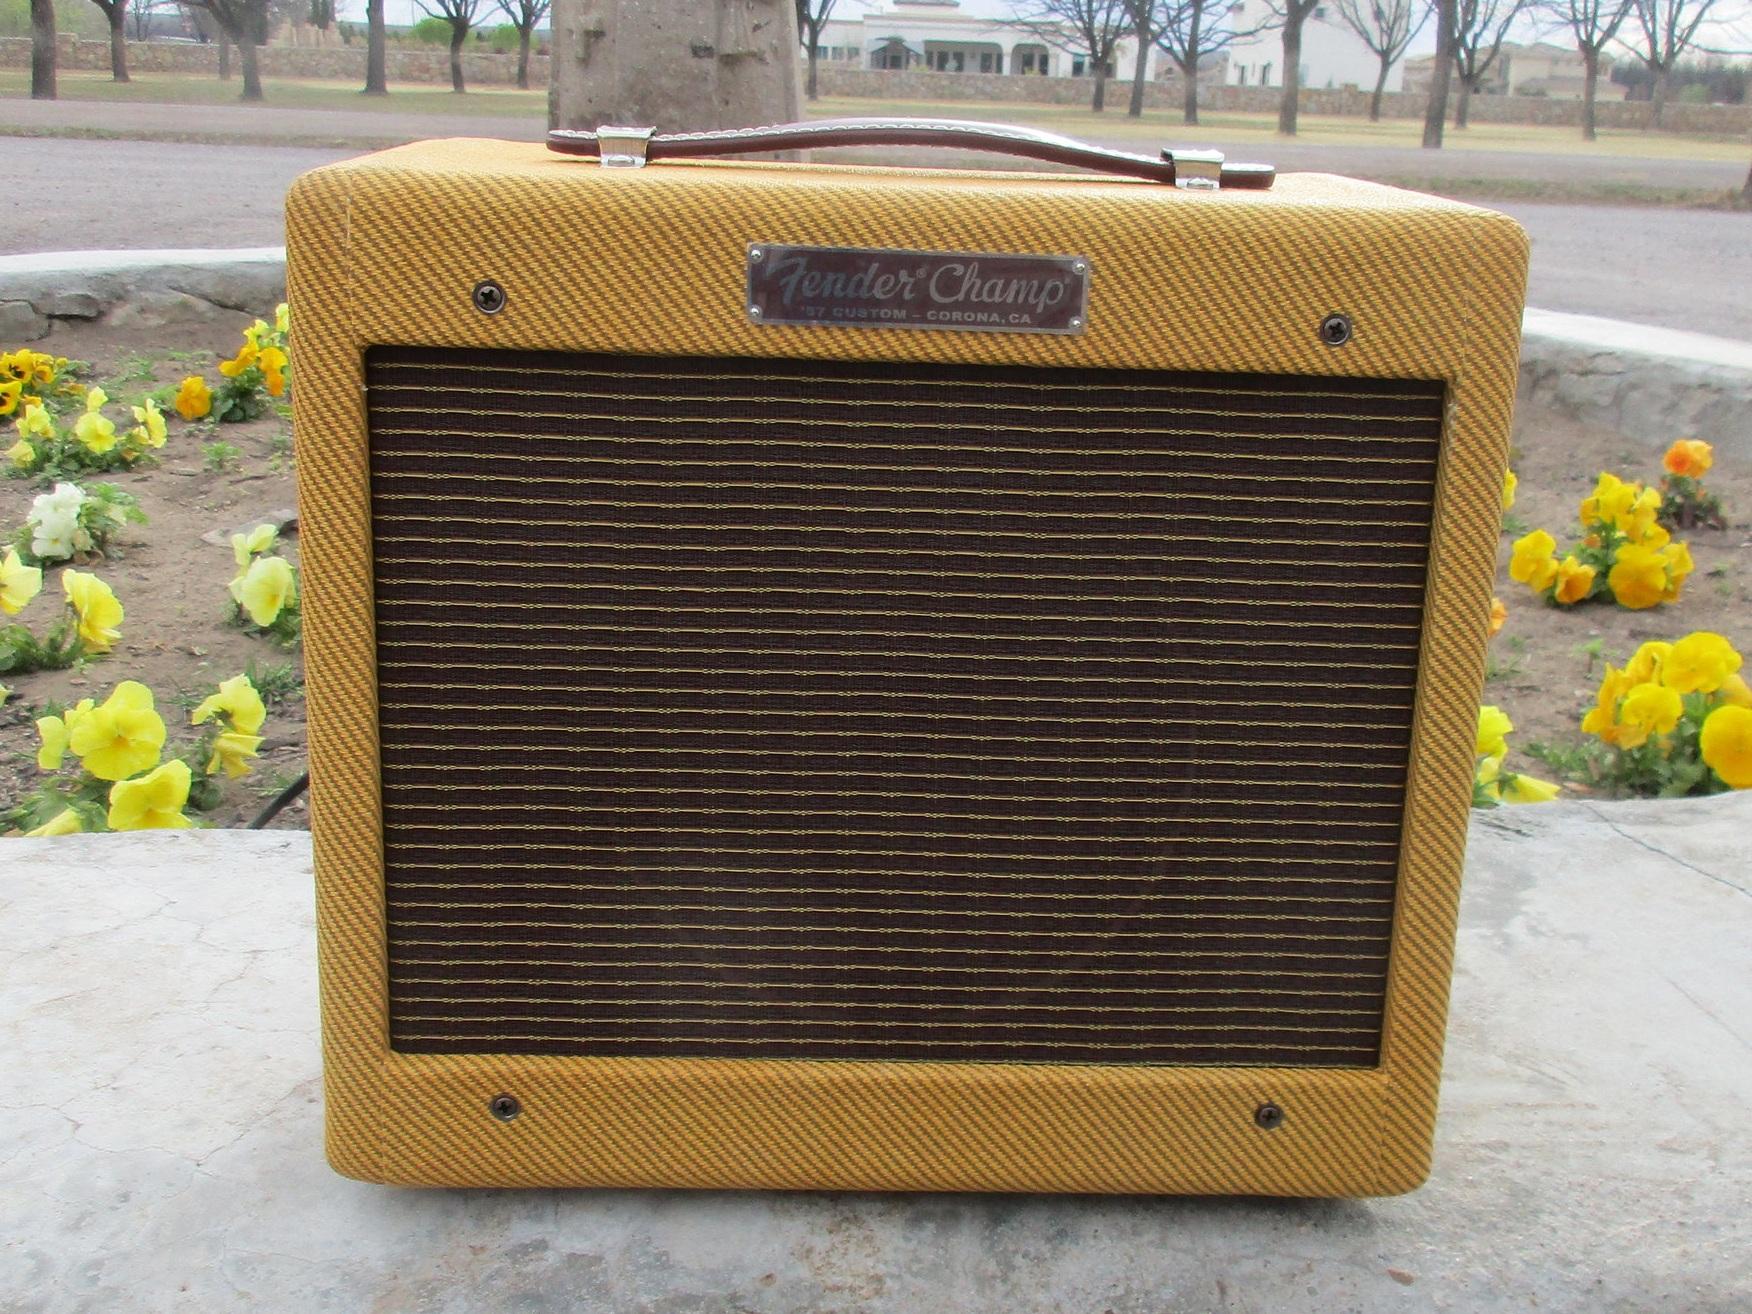 Fender 57' Champ